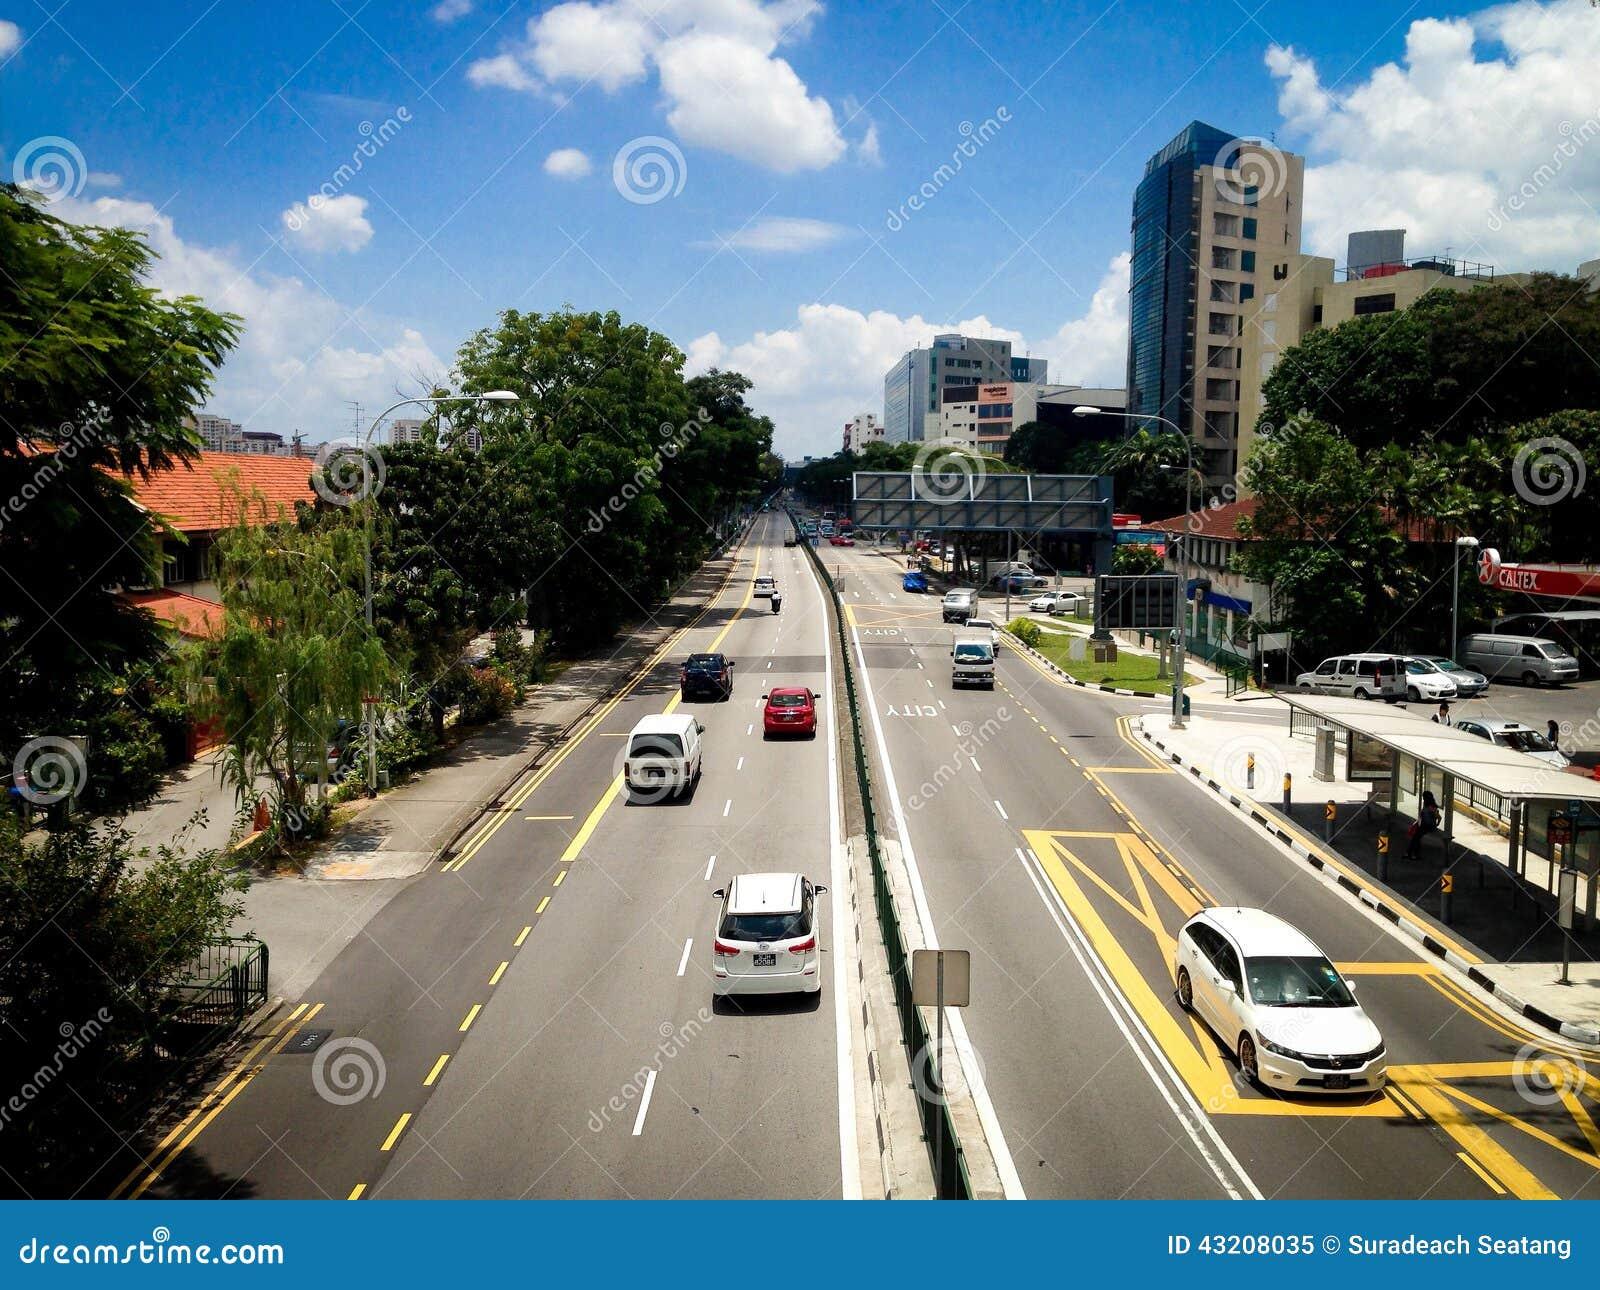 Download Bra trafik redaktionell foto. Bild av billyktor, driftstopp - 43208035